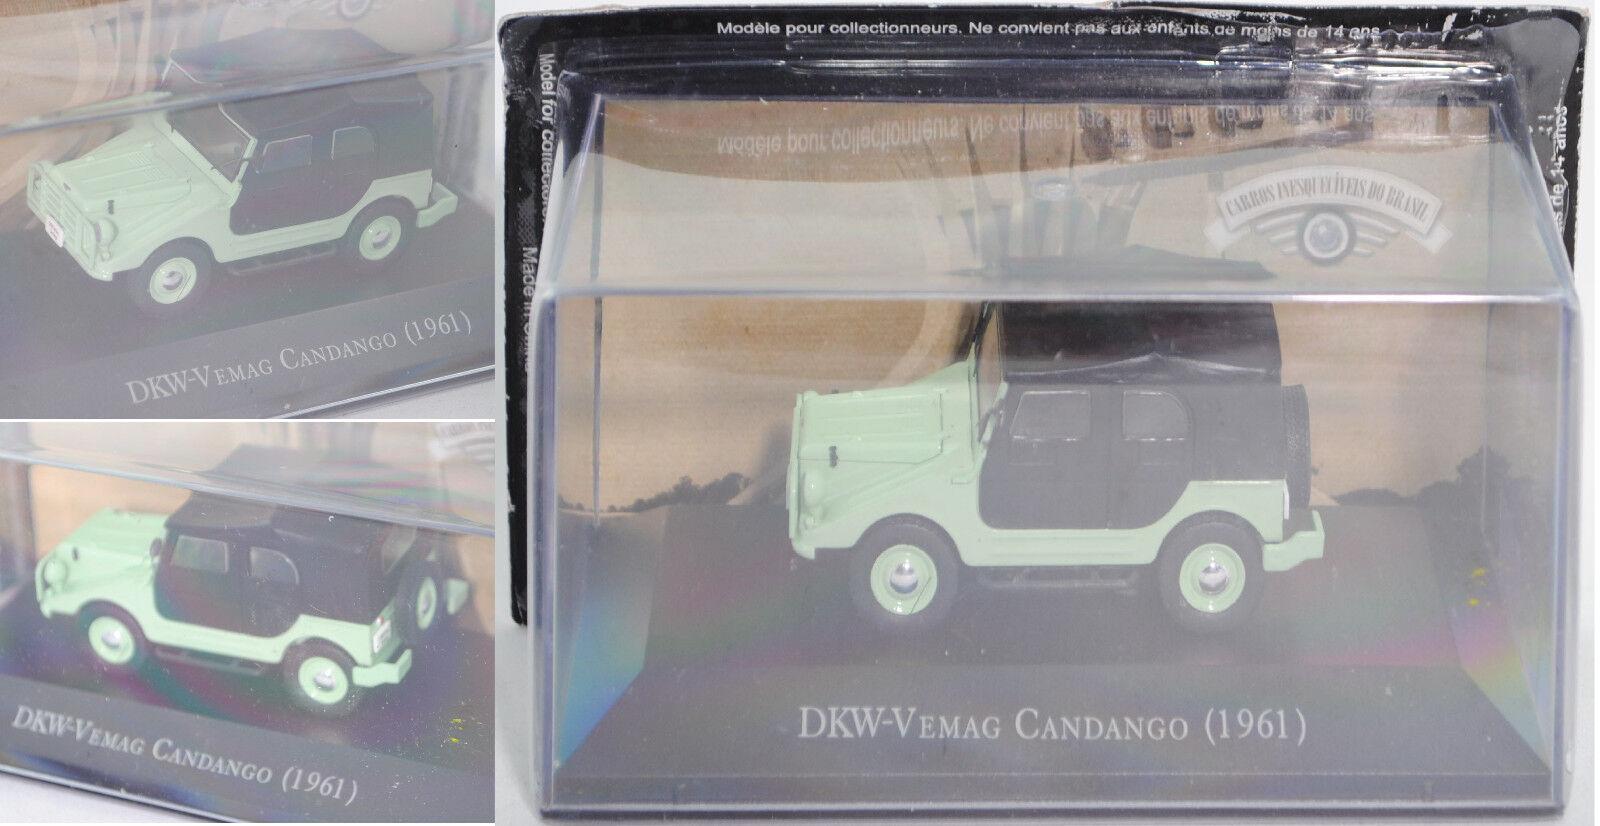 Br59 Carros DKW-Vemag candango  cfr. DKW MUNGA , verde bianco, 1:43